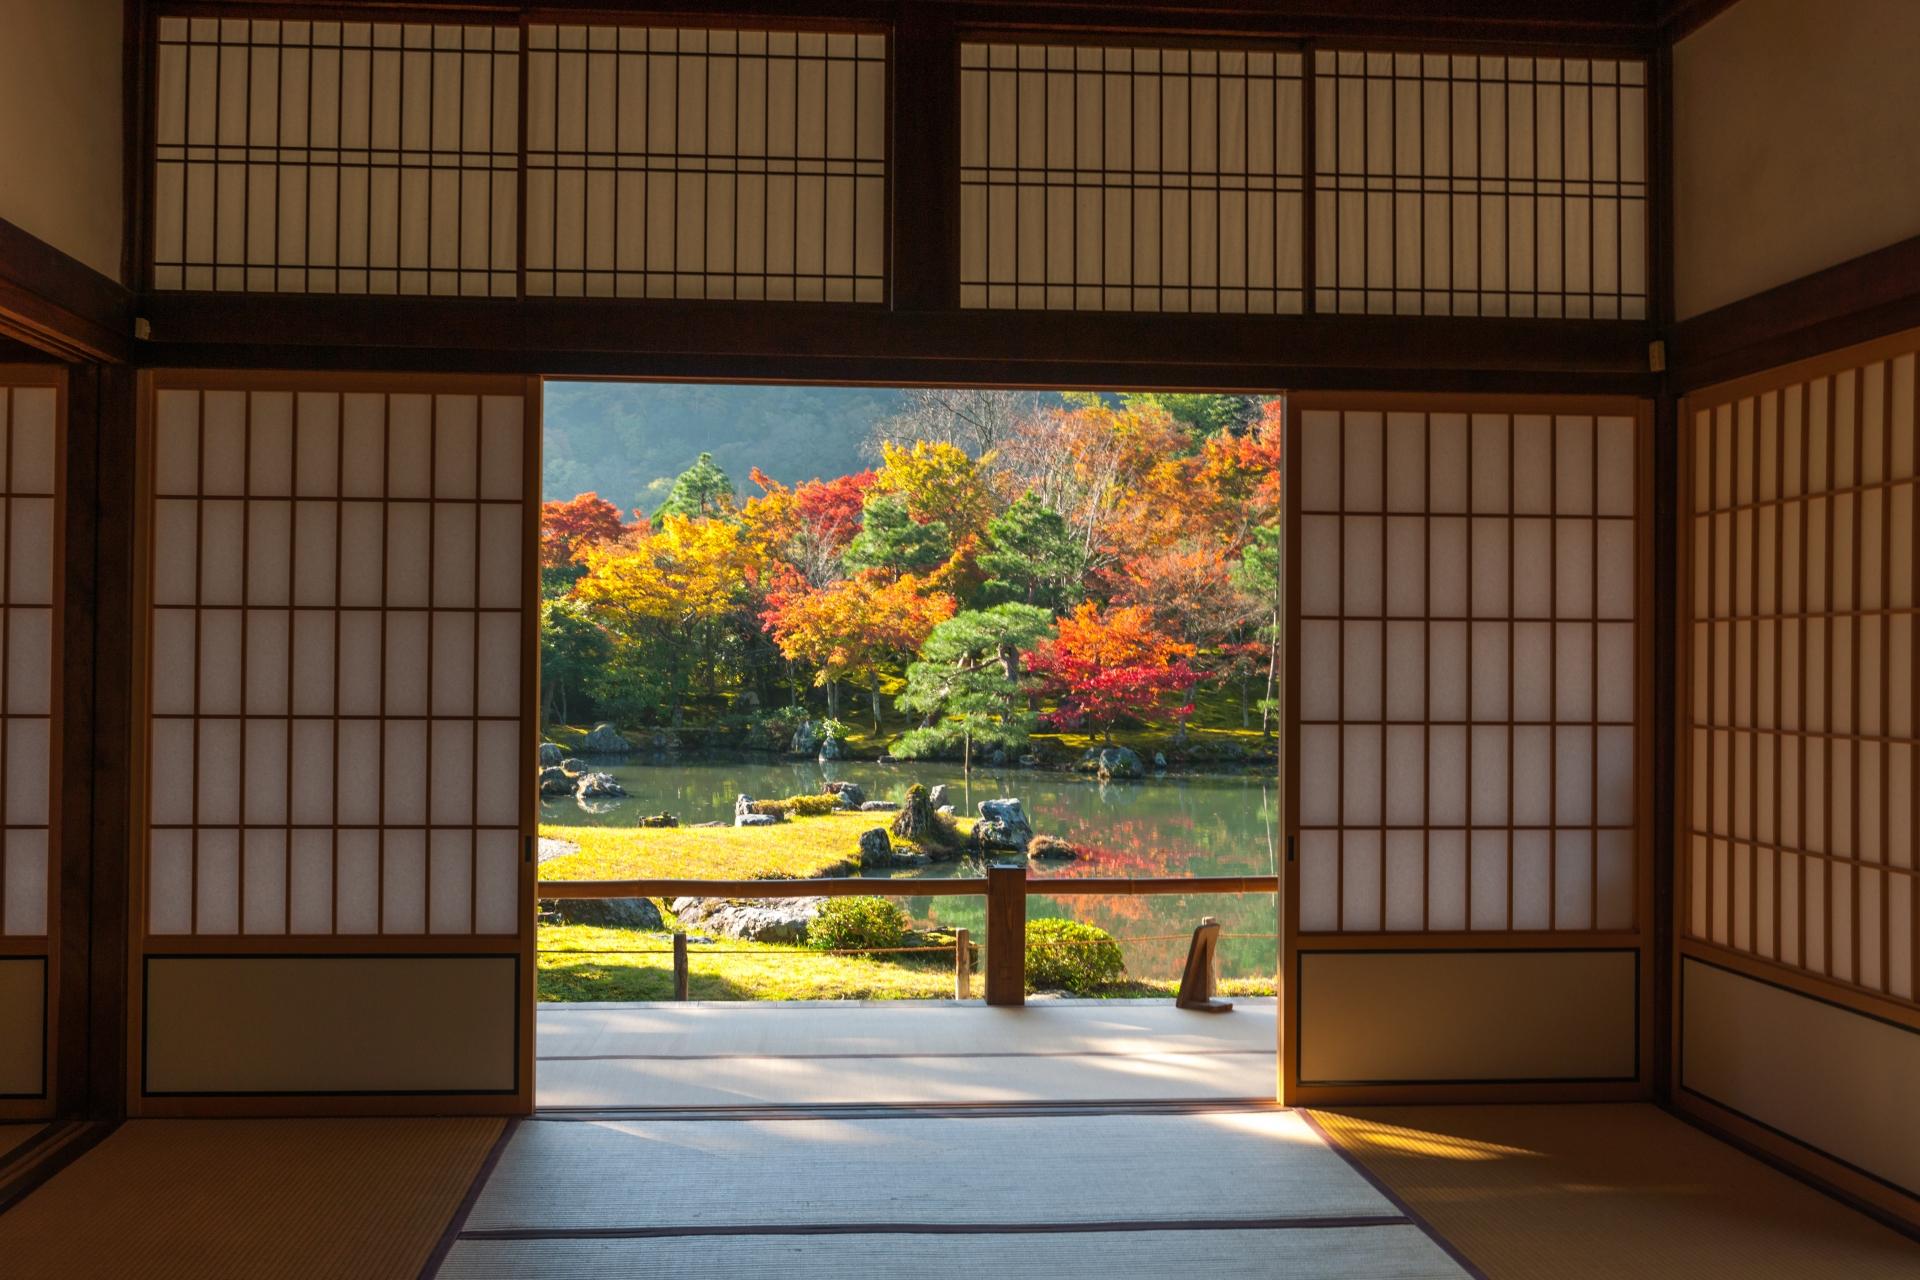 【世界遺産】天竜寺の桜・紅葉・庭園・雲龍図などの見どころや楽しみ方